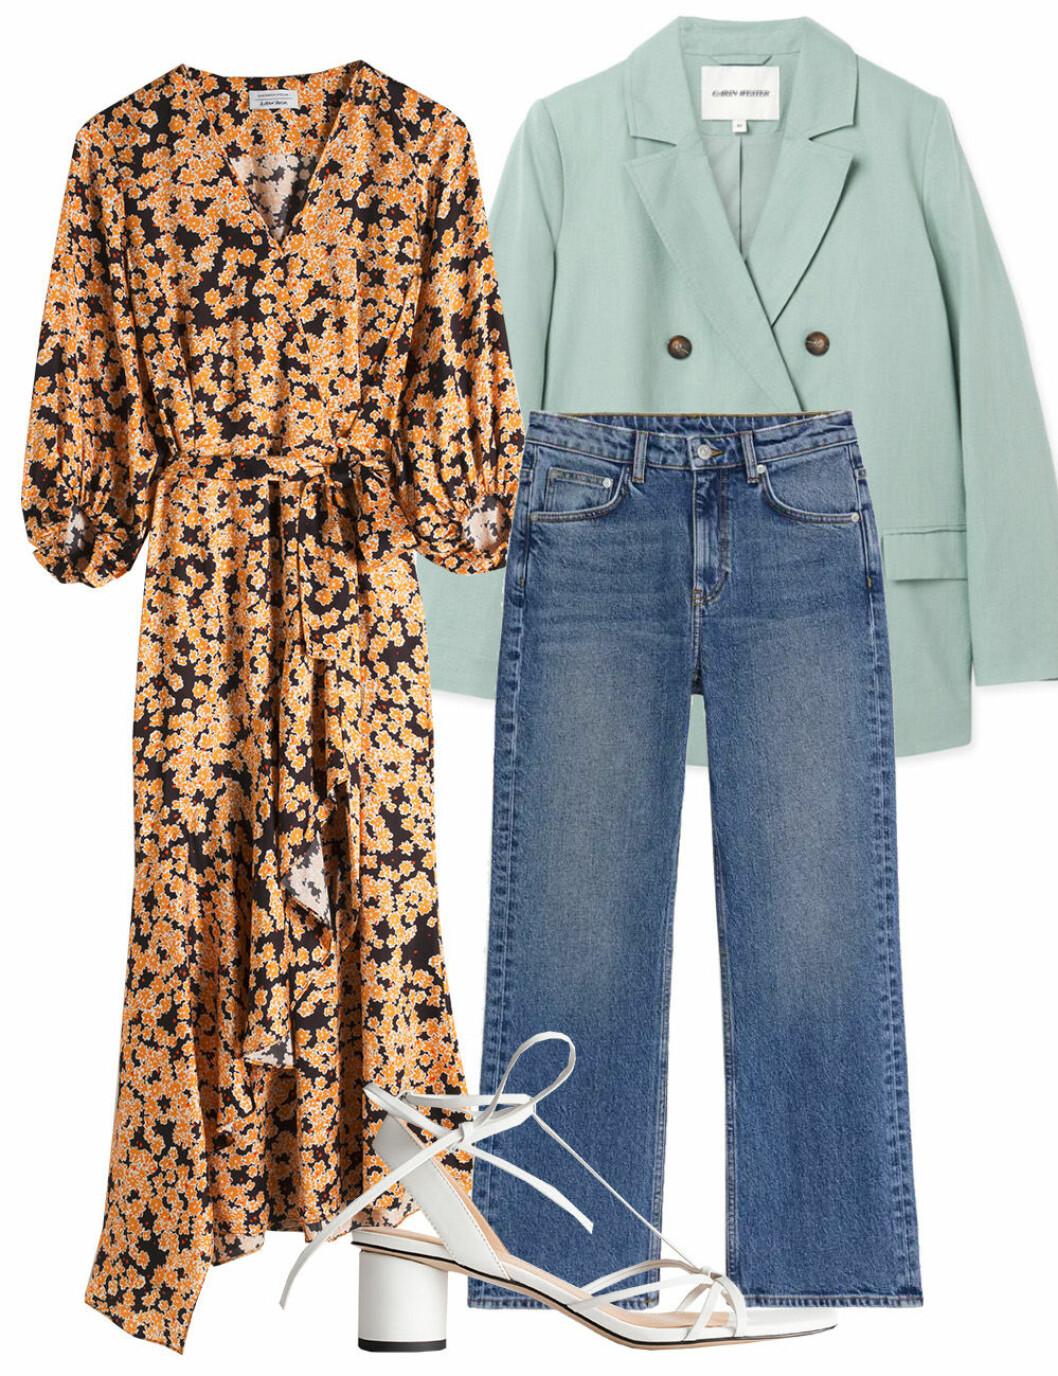 Klänning och jeans till midsommar om det är kallt ute